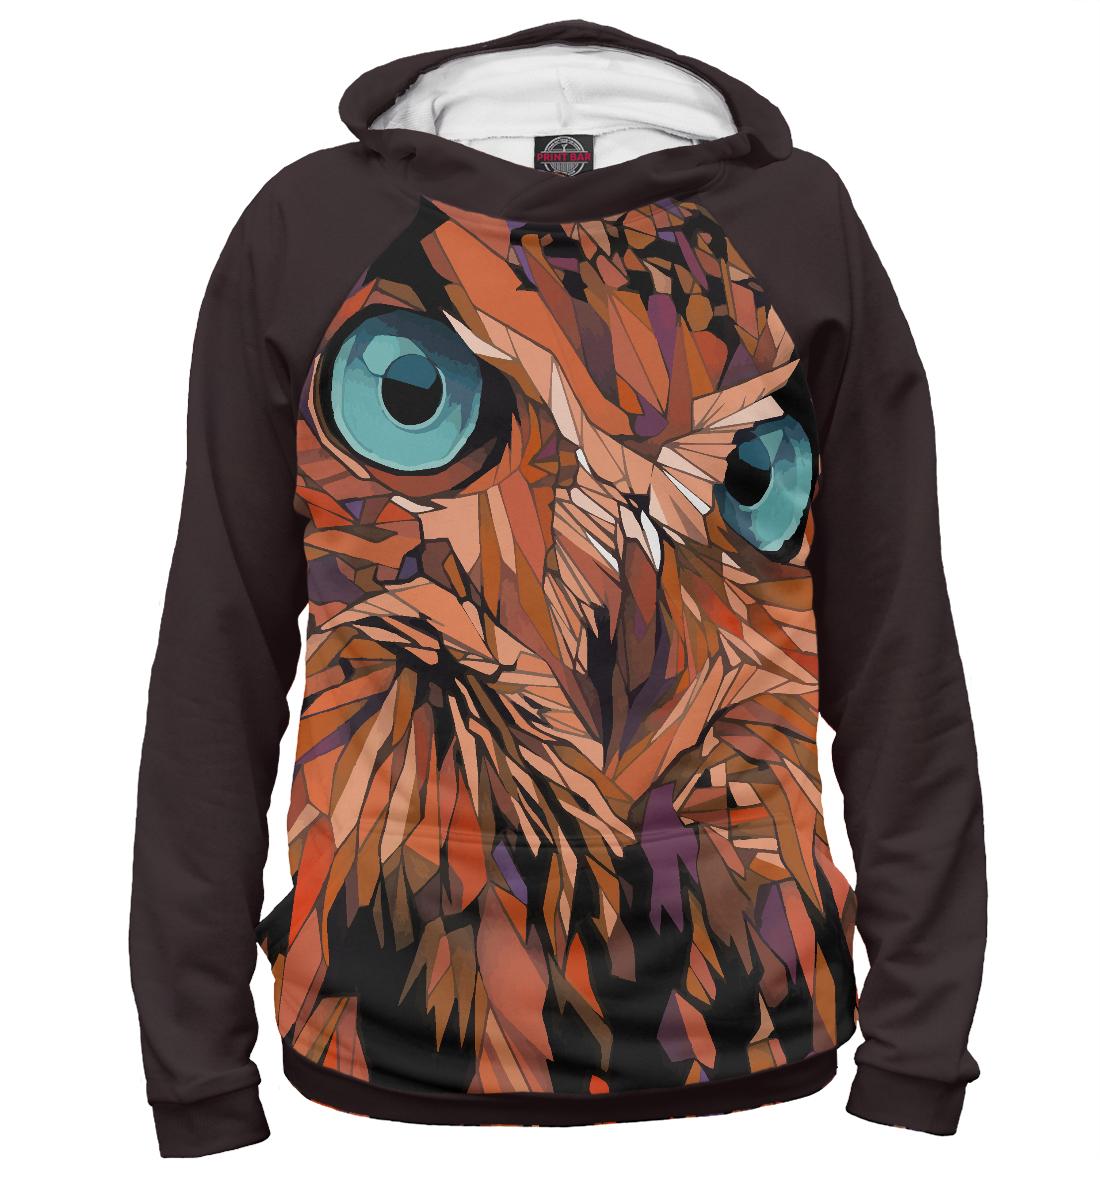 Купить Сова, Printbar, Худи, OWL-422941-hud-1